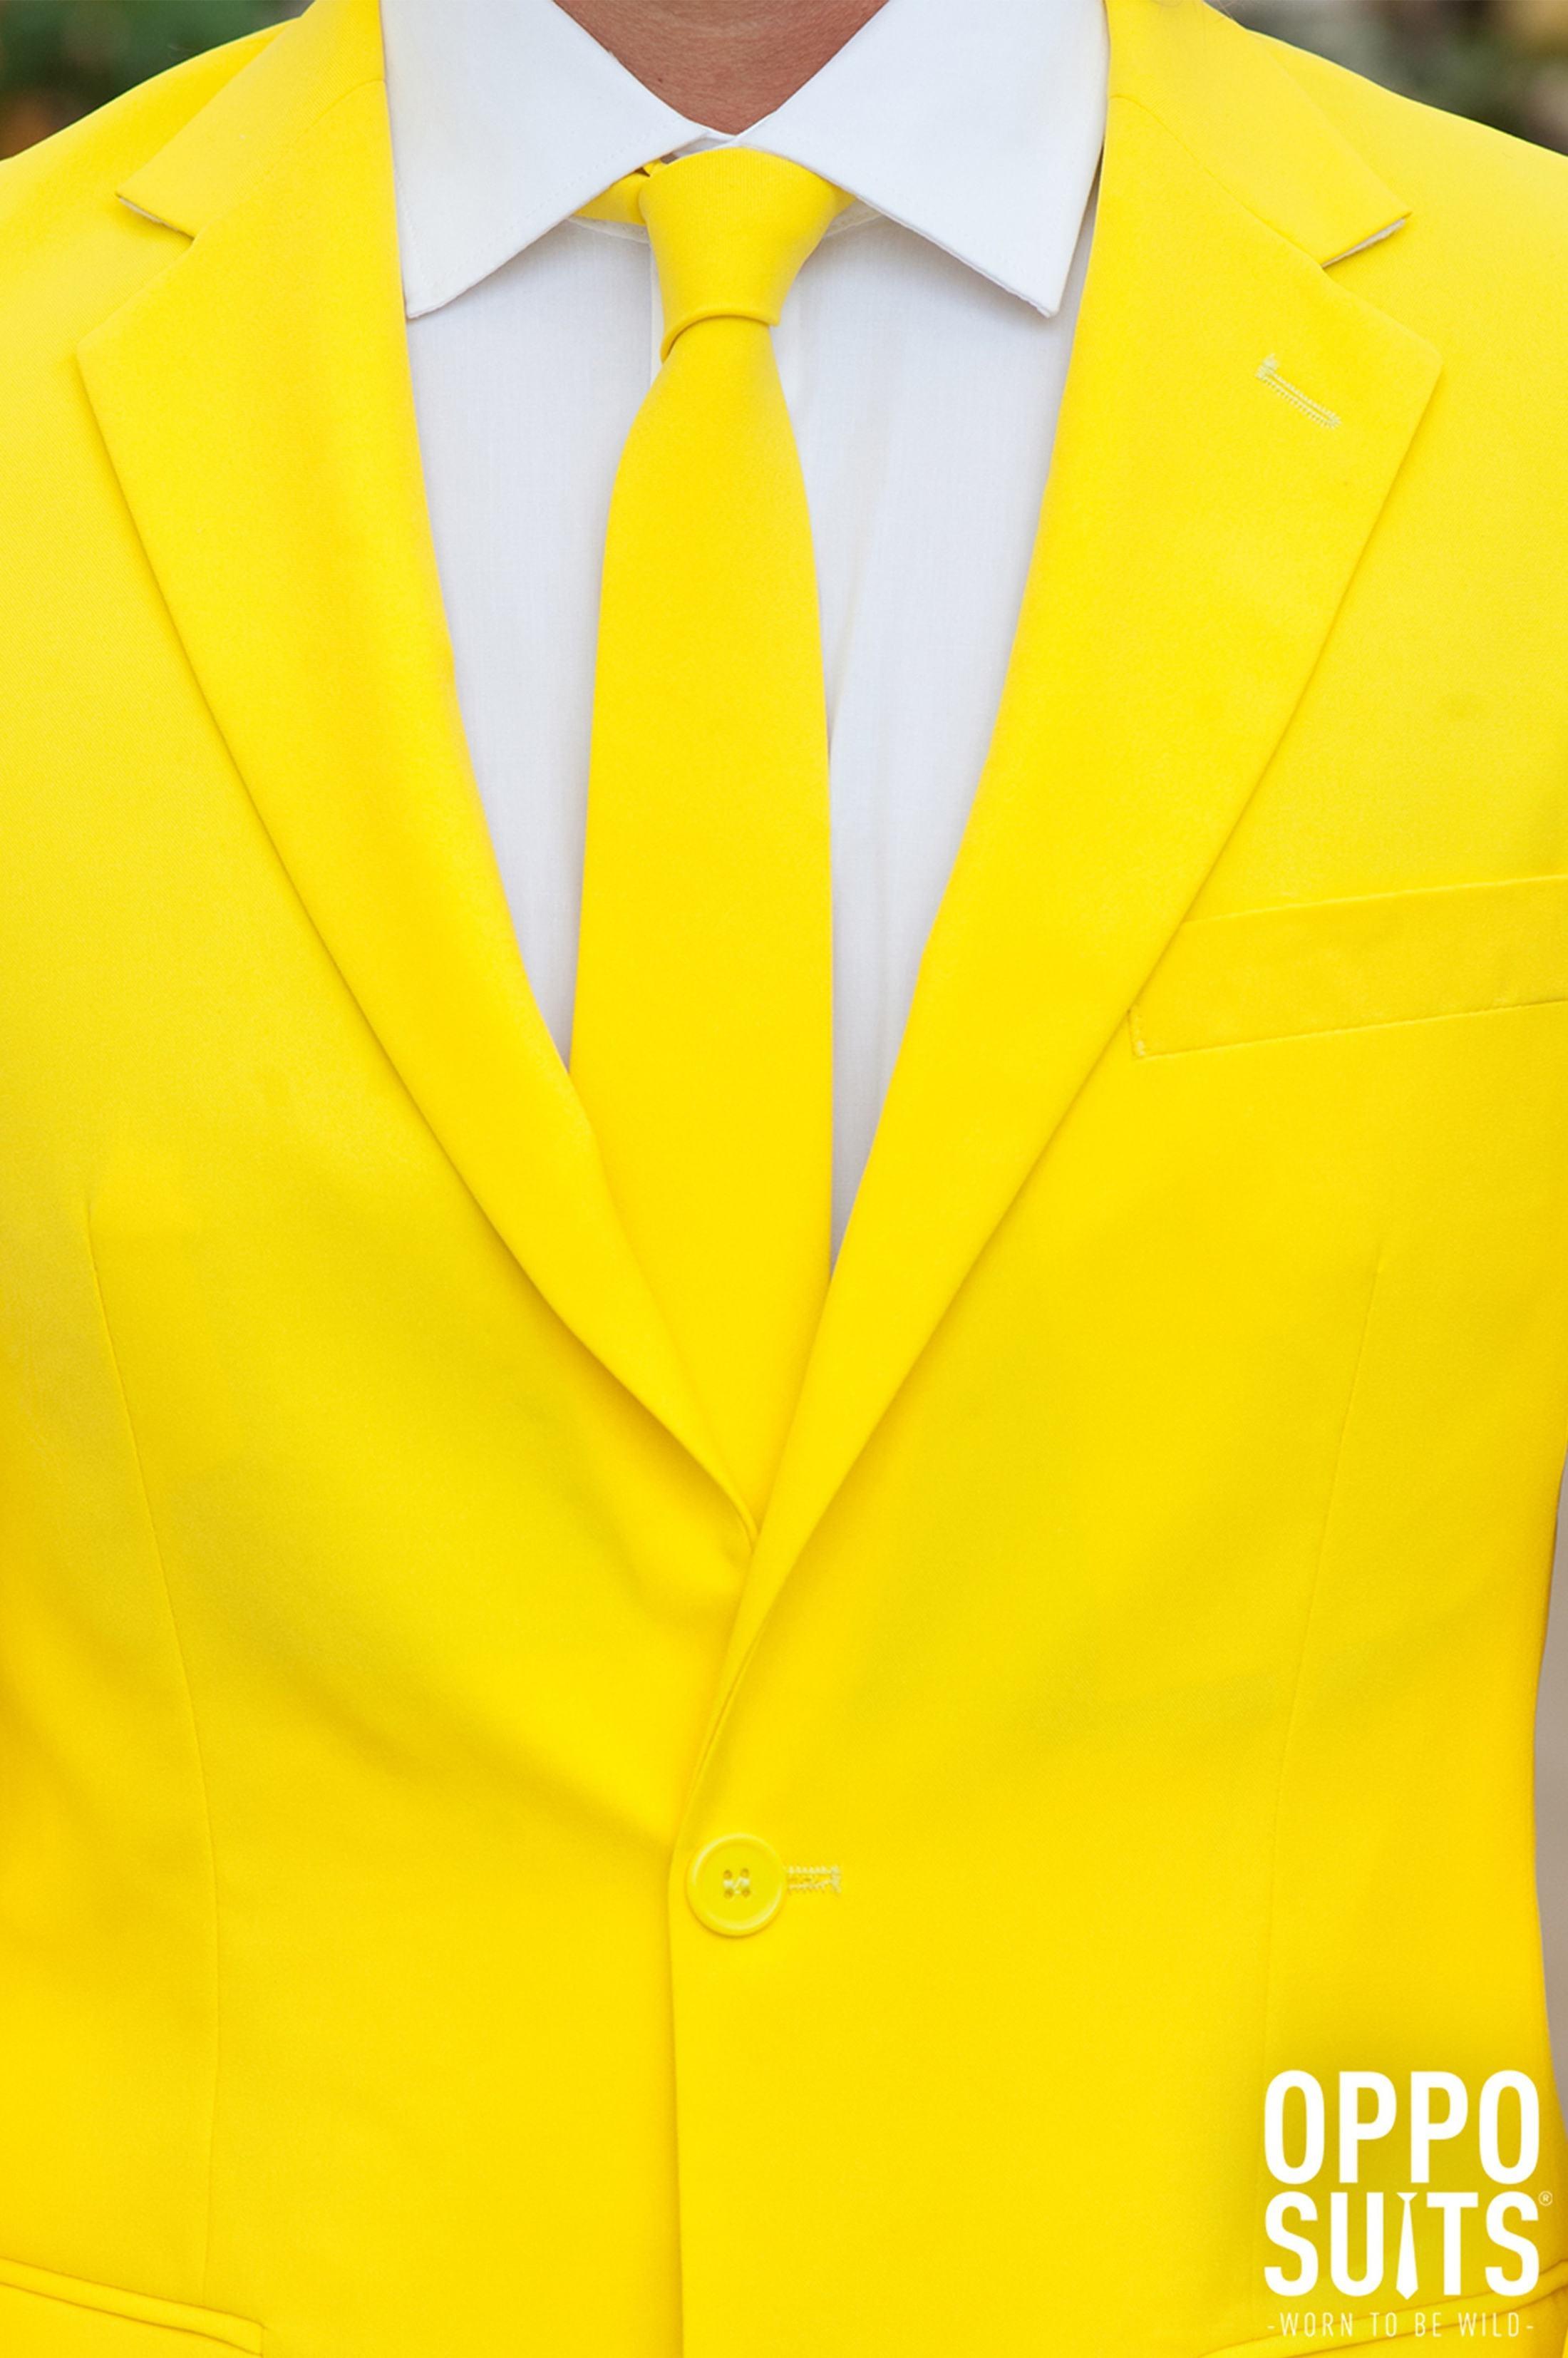 OppoSuits Yellow Fellow Kostüm Foto 3